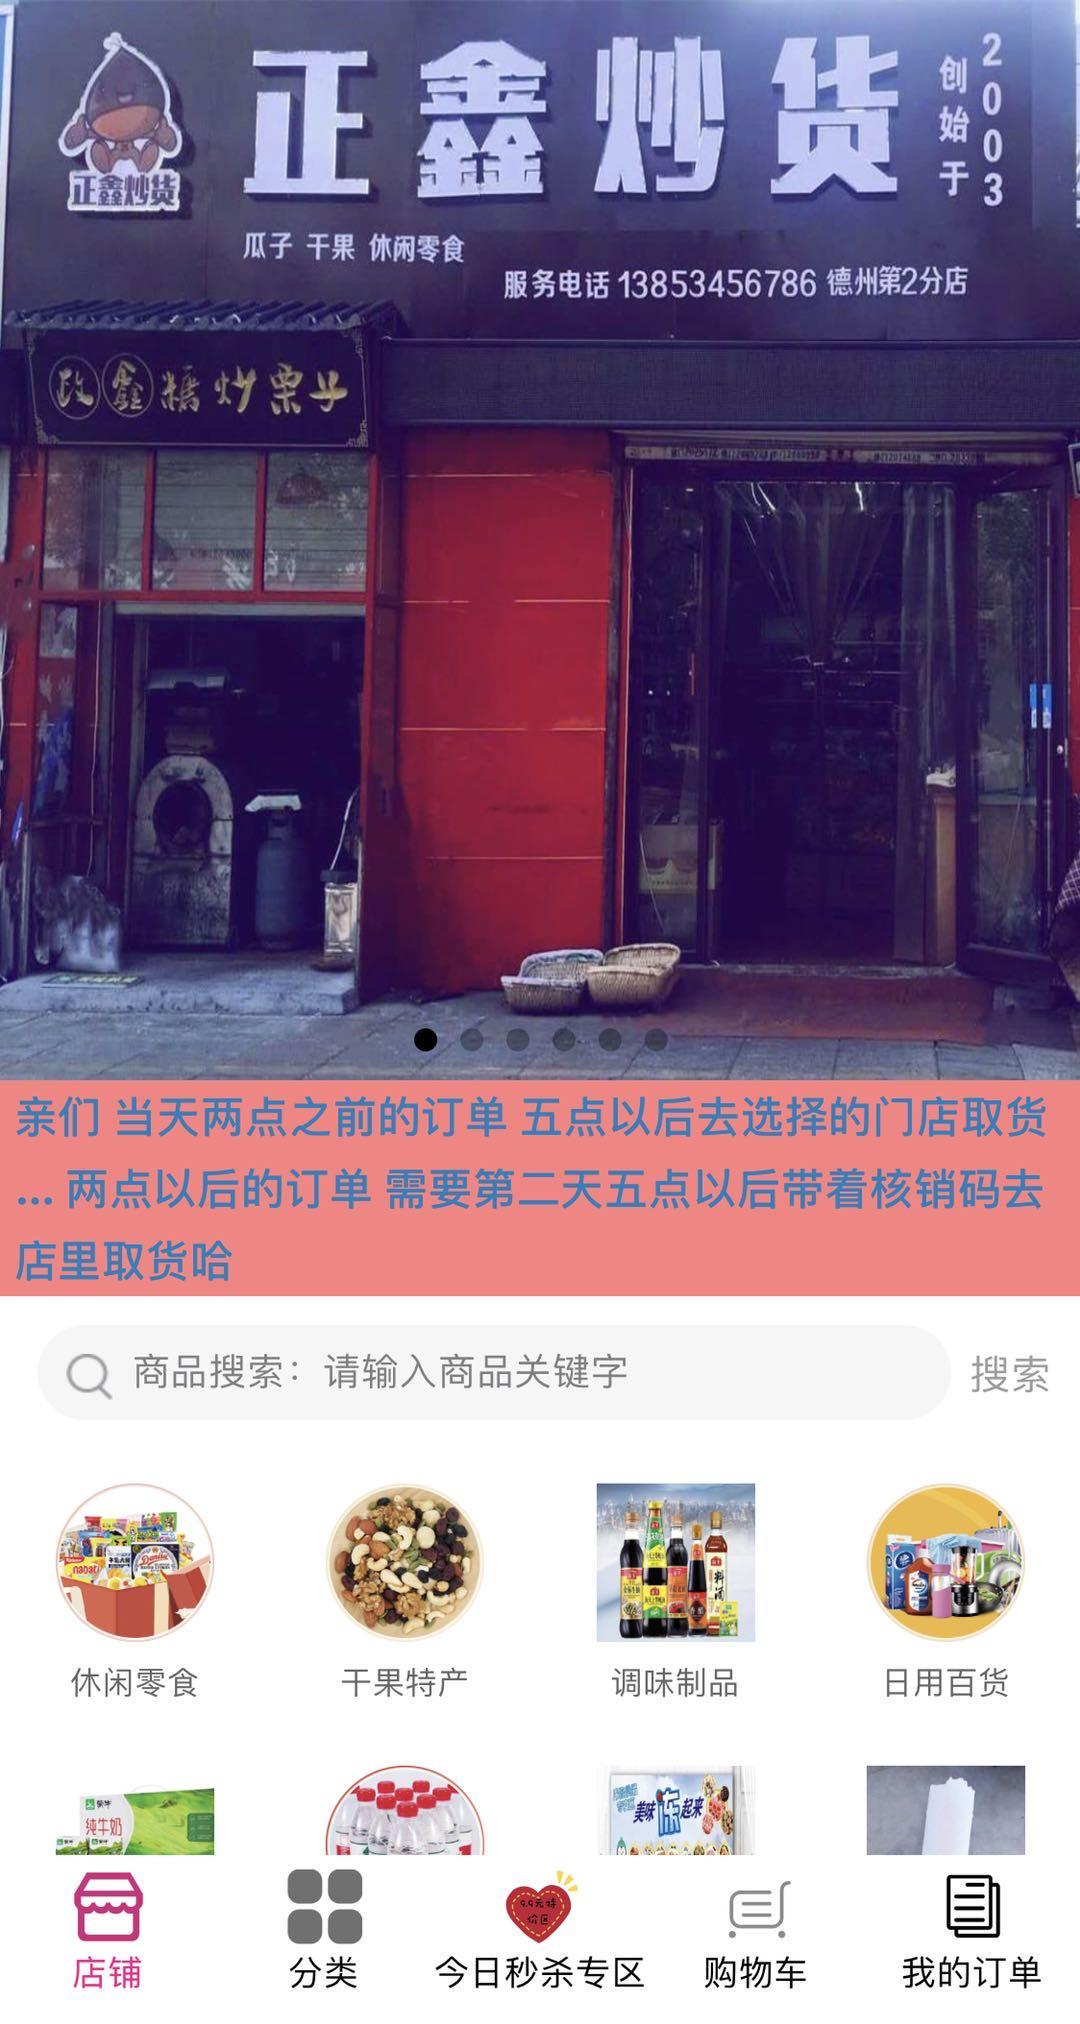 微信正鑫炒货百货商城小程序